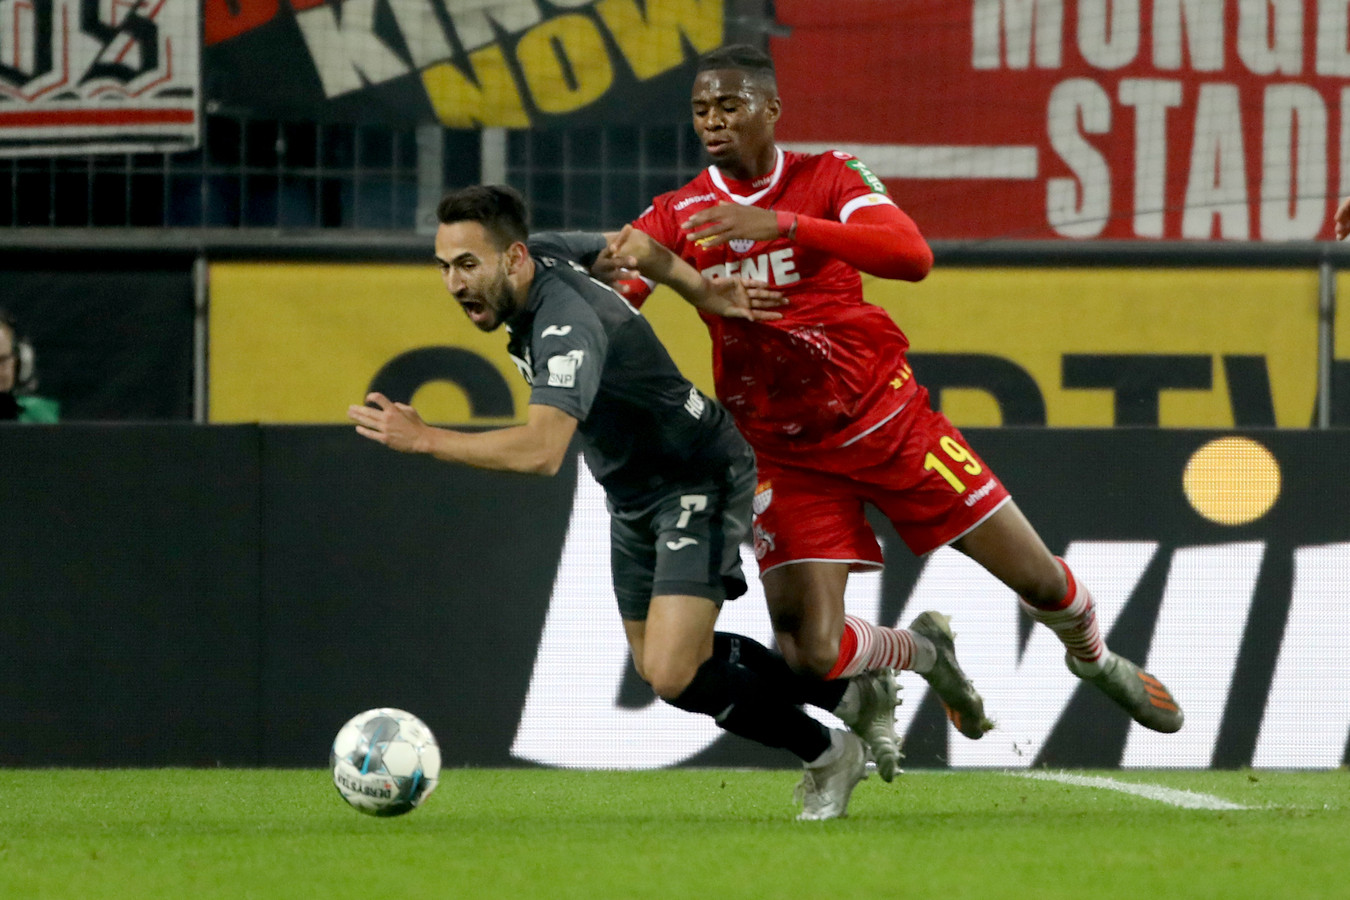 Kingsley Ehizibue, nu speler van 1. FC Köln, speelt donderdag een oefenwedstrijd tegen PEC Zwolle.